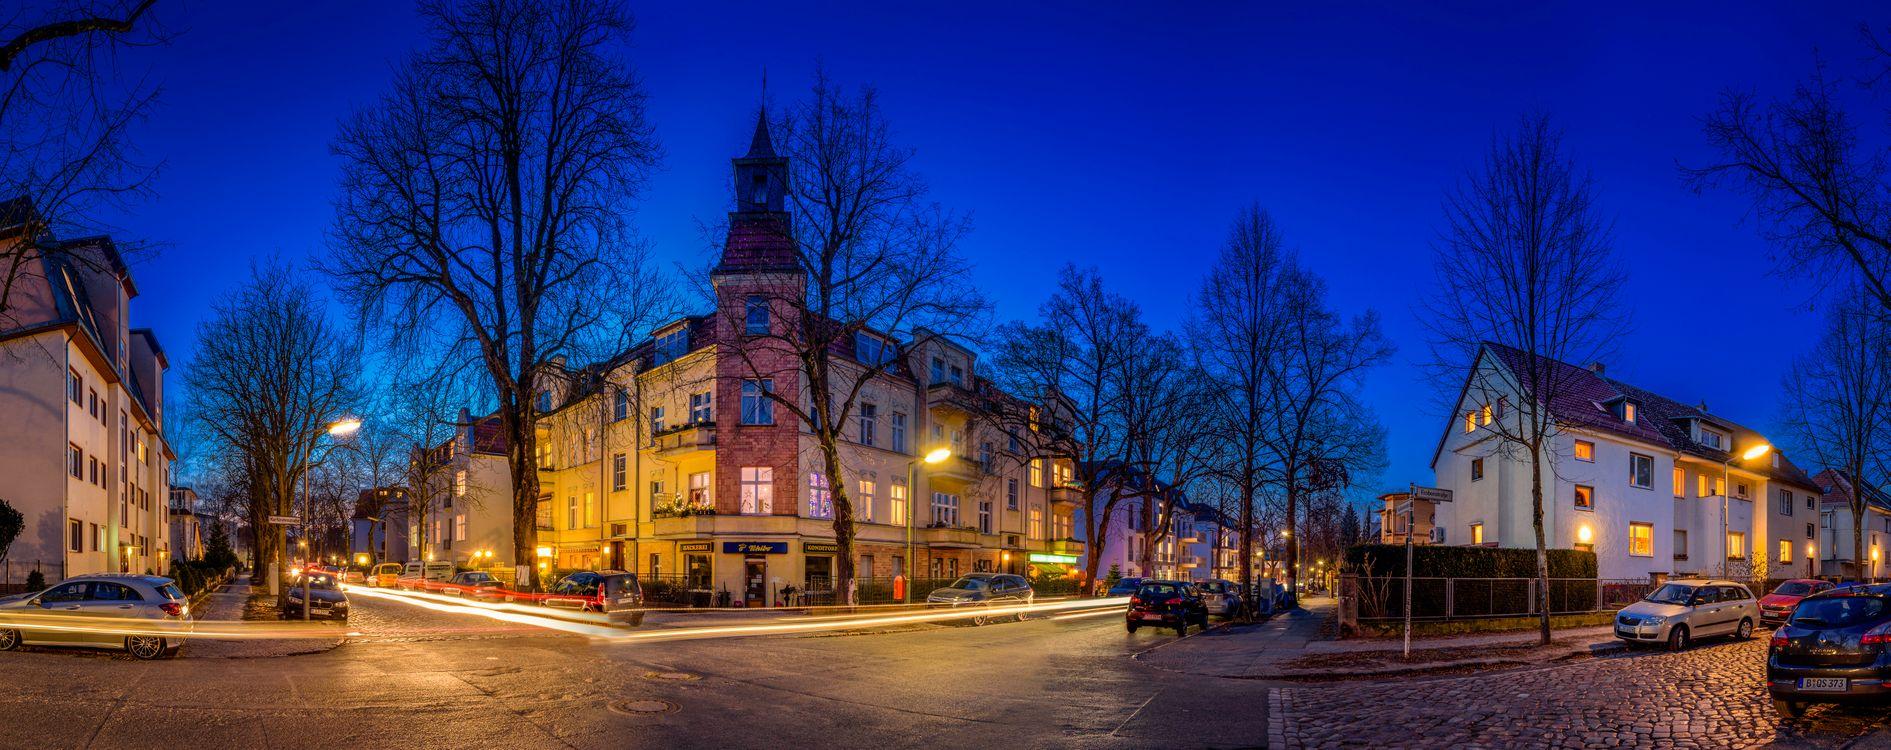 Фото бесплатно дороги, освещение, Германия - на рабочий стол